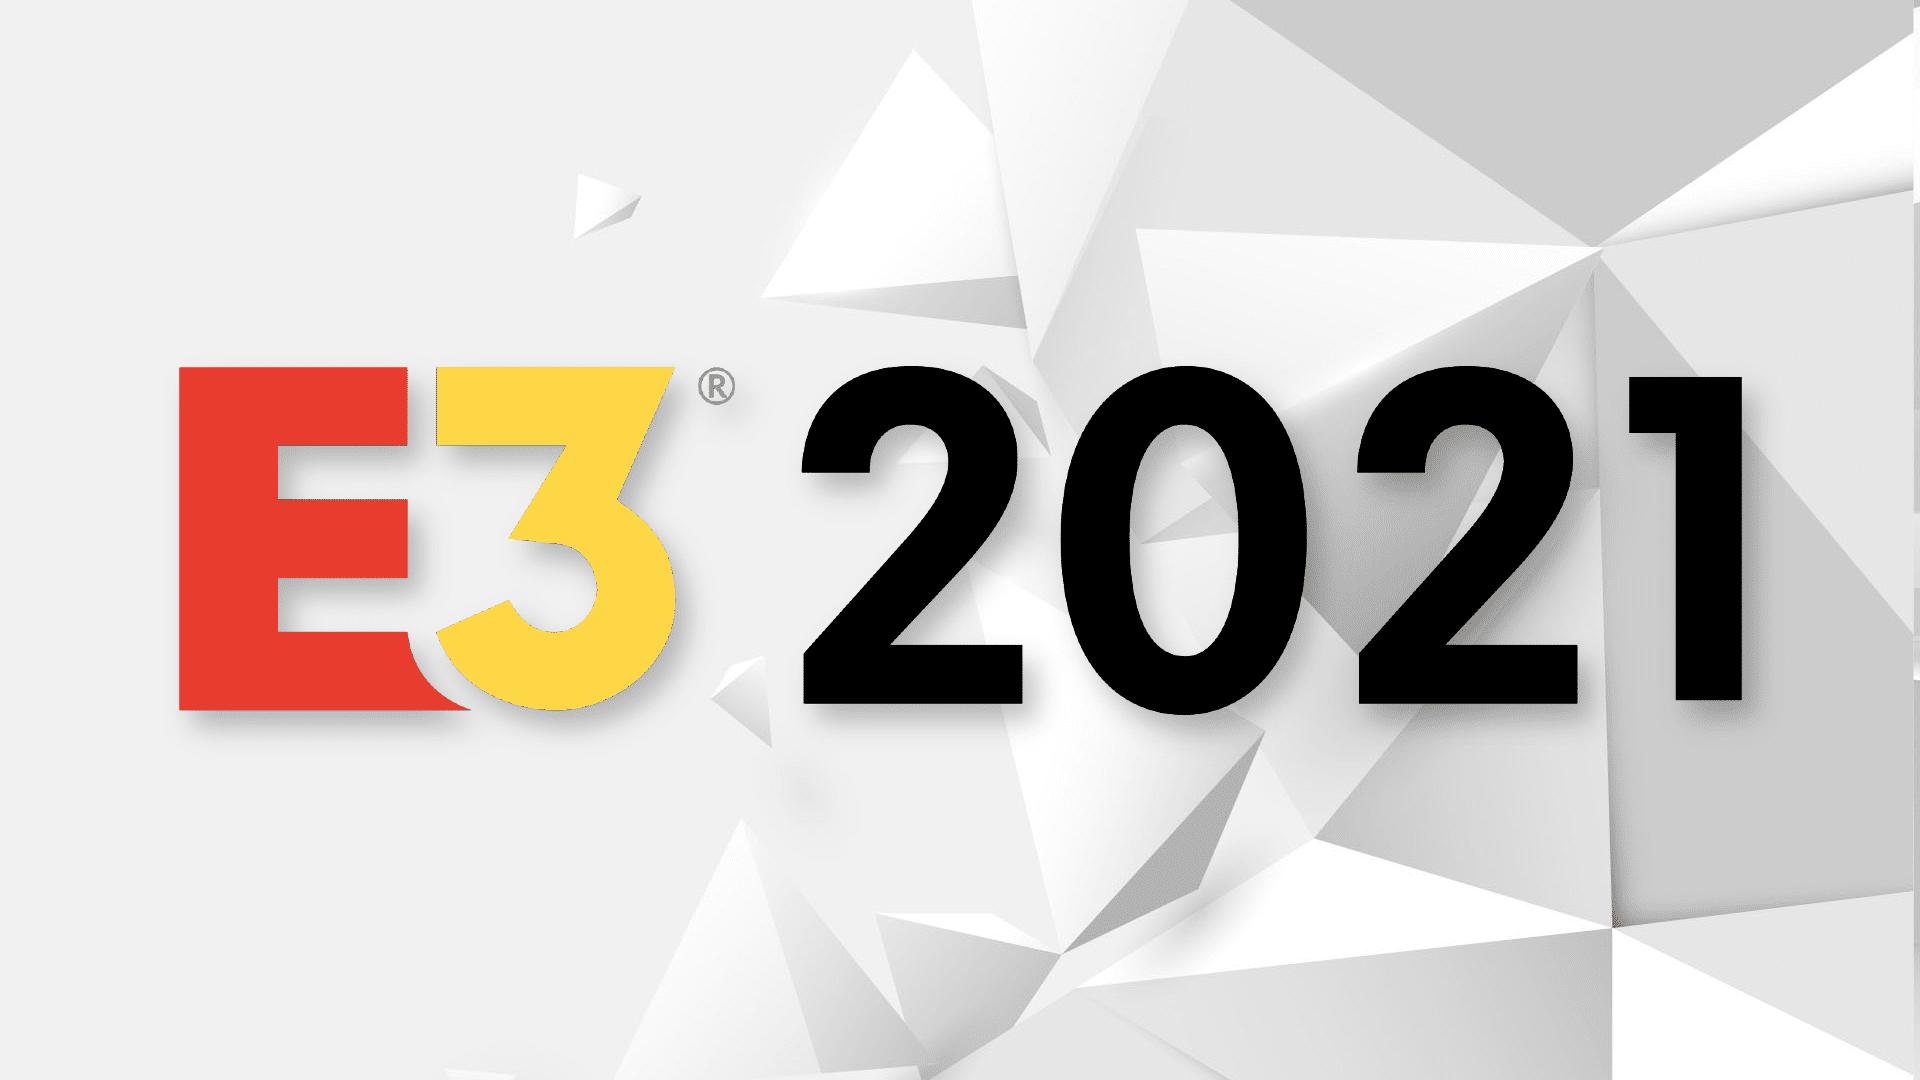 E3 Expo 2021 Logo Art